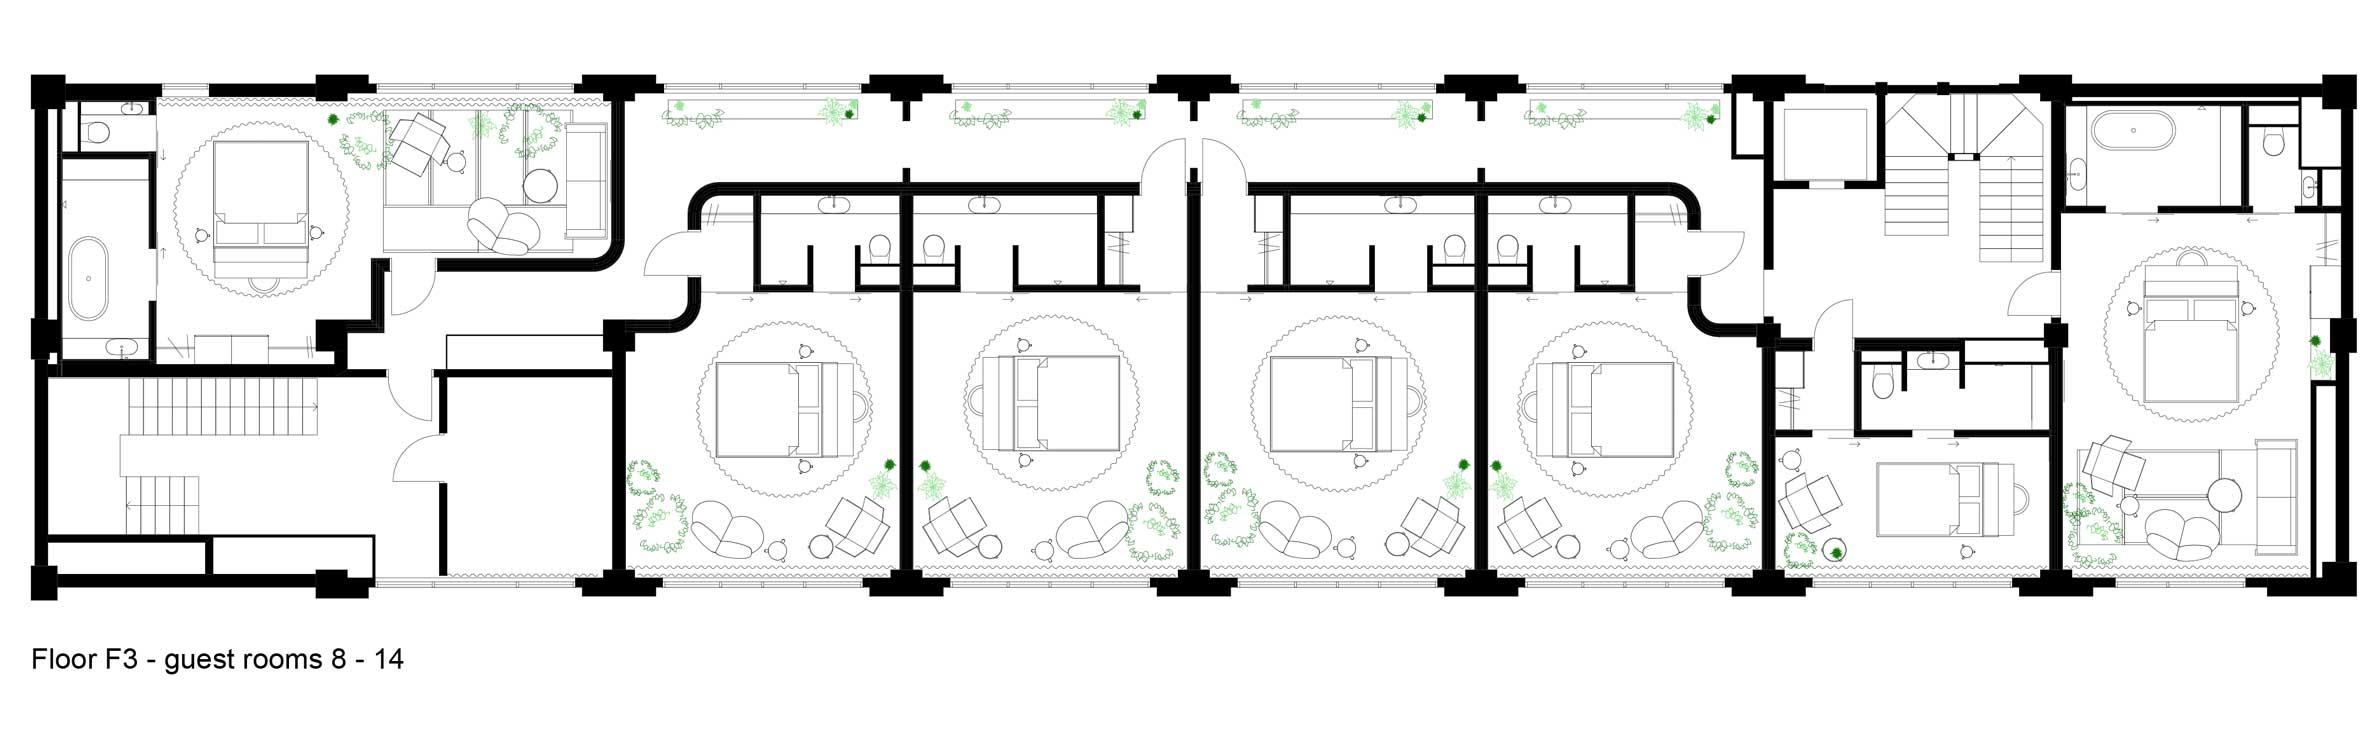 Thiết kế nội thất khách sạn3 sao 12